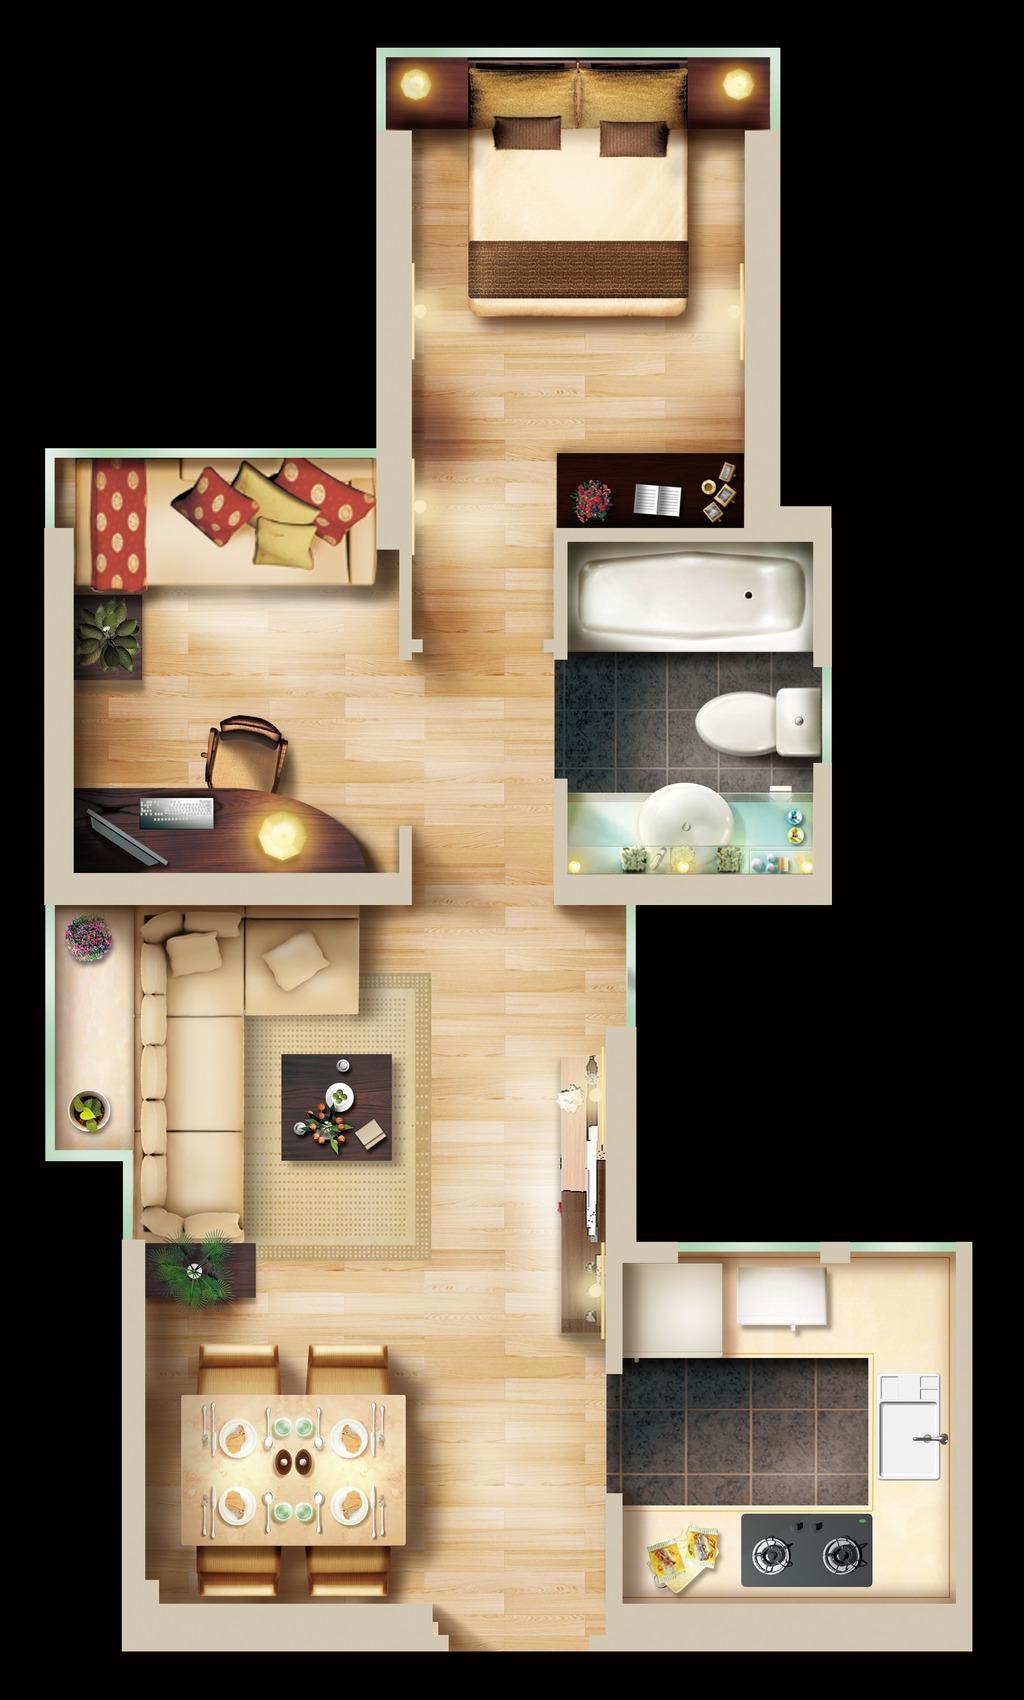 两室两厅psd户型图彩色平面图下载